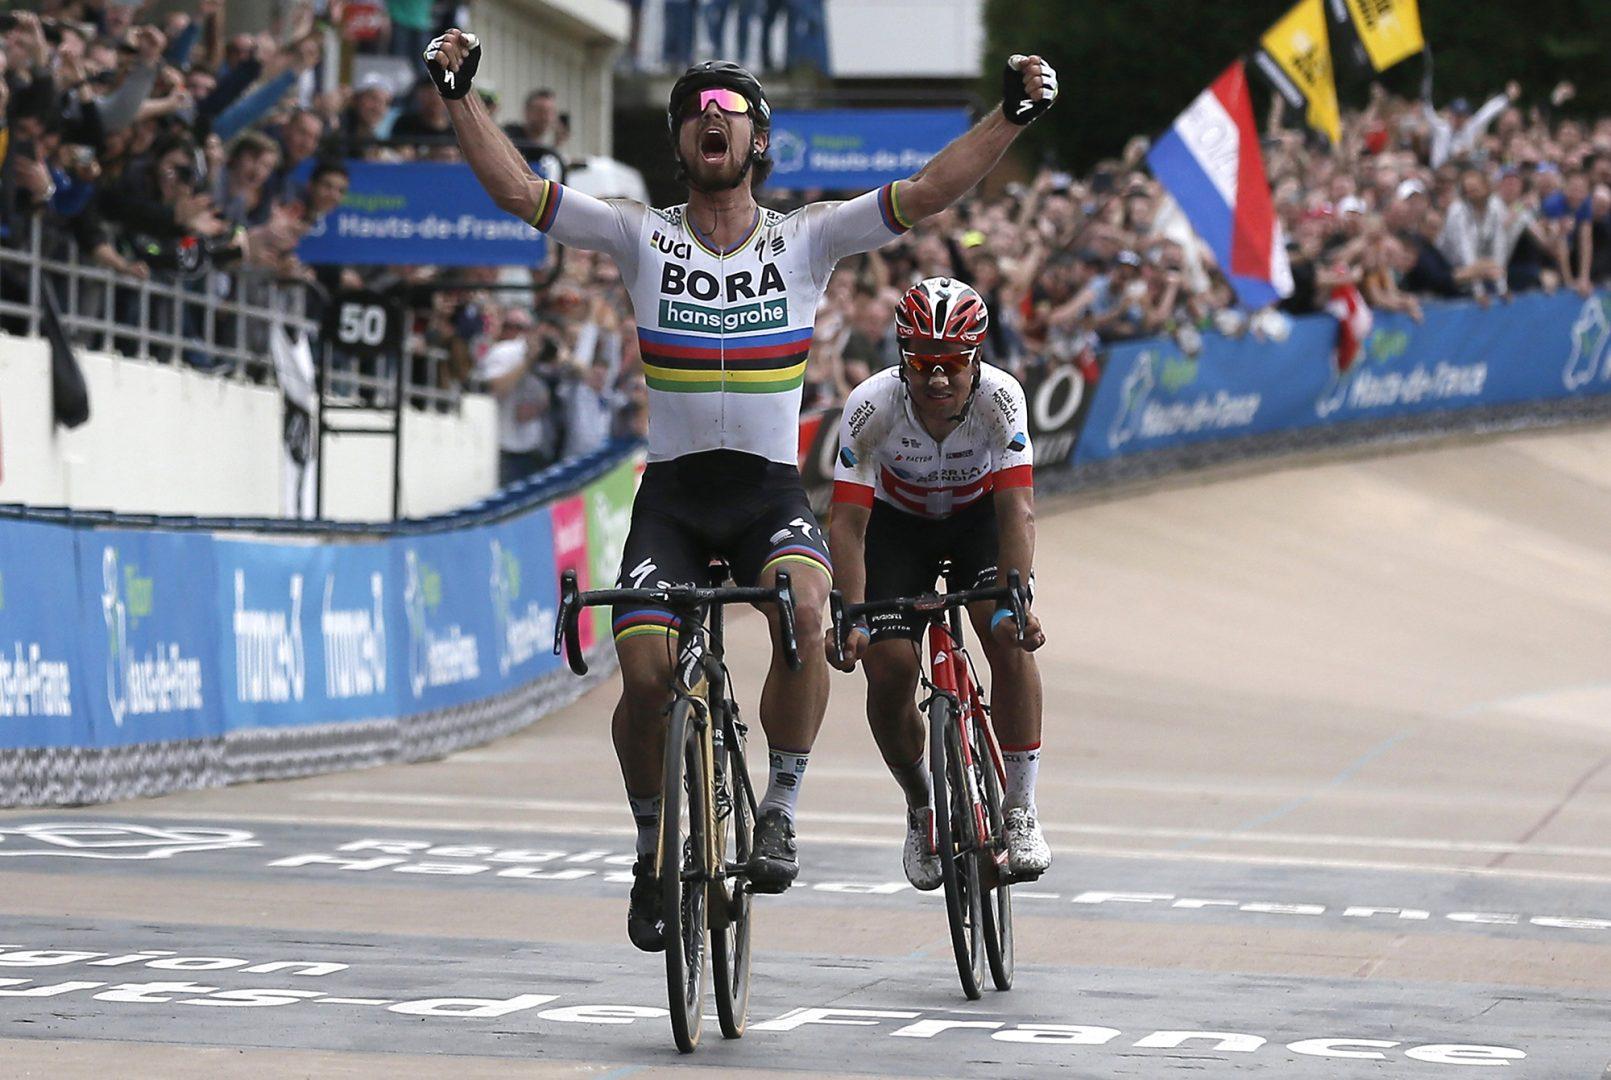 Peter Sagan (Bora) logra su primera victoria en la Paris Roubaix (Foto: EFE/EPA/ETIENNE LAUREEN).